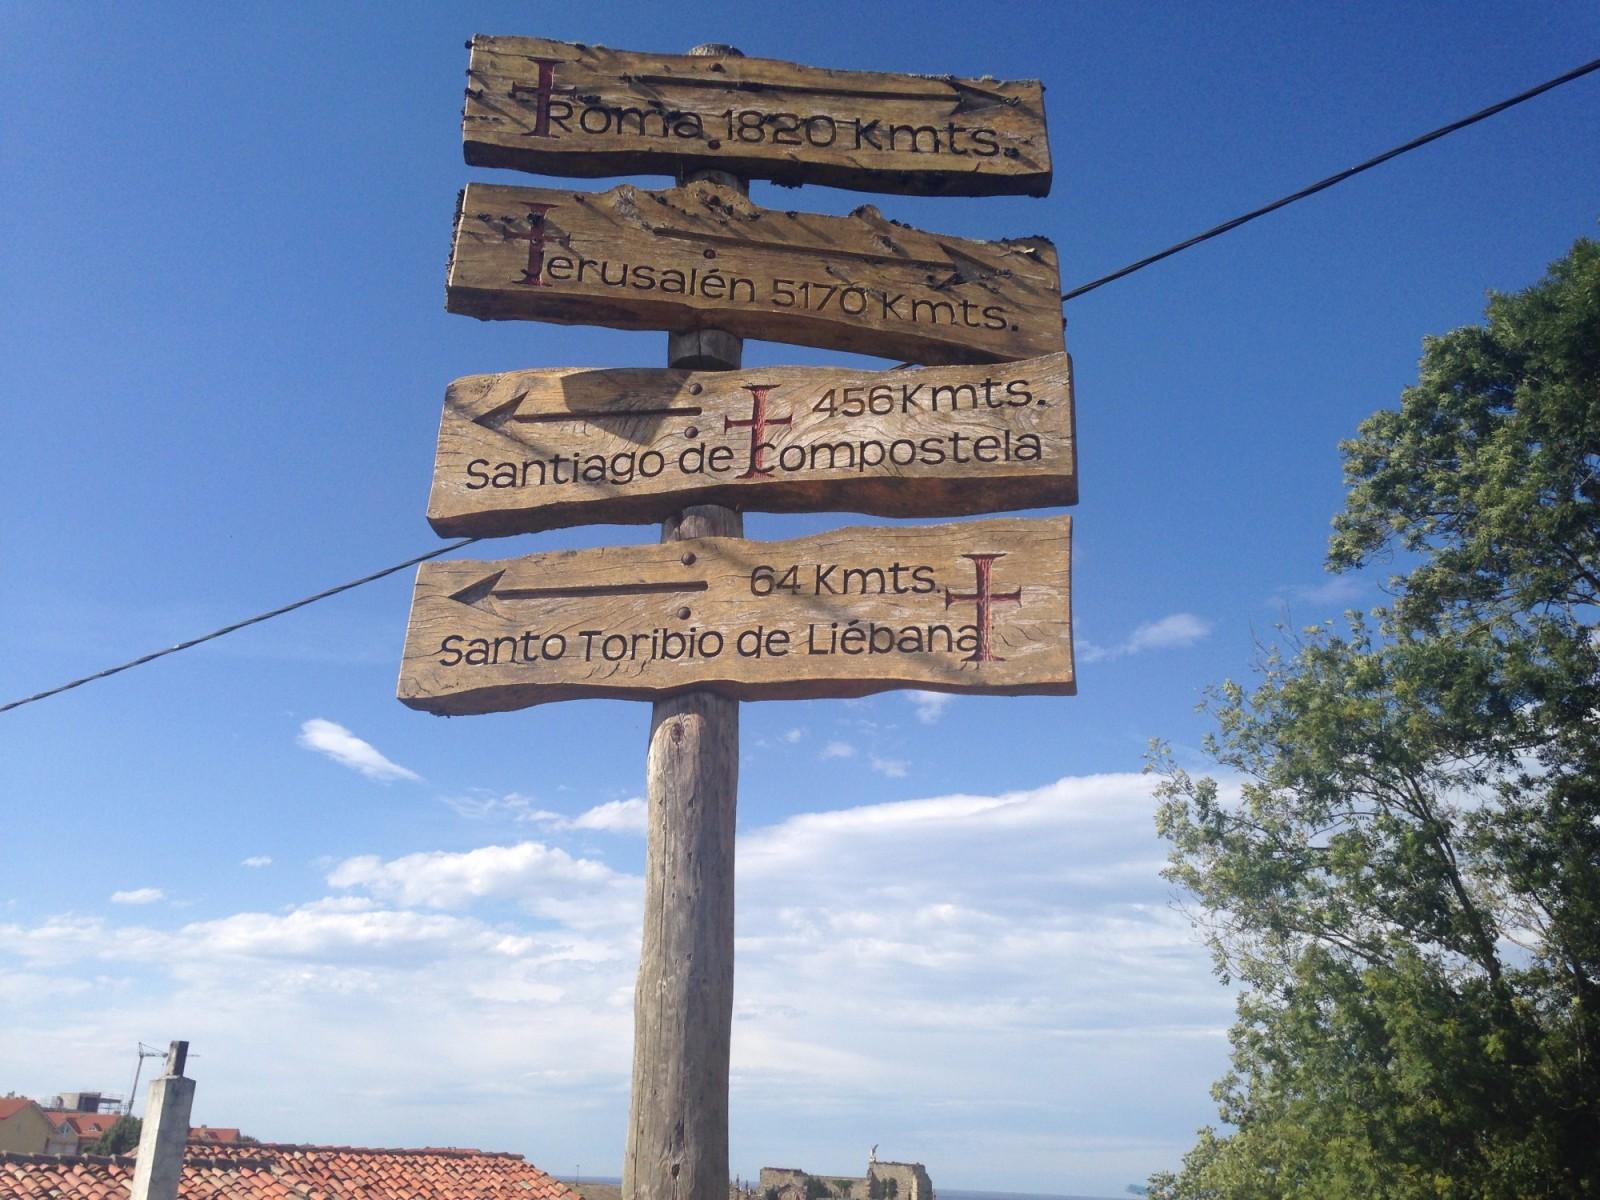 turismo cantabria - camino lebaniego - año jubilar lebaniego - señalética - otoño 2017